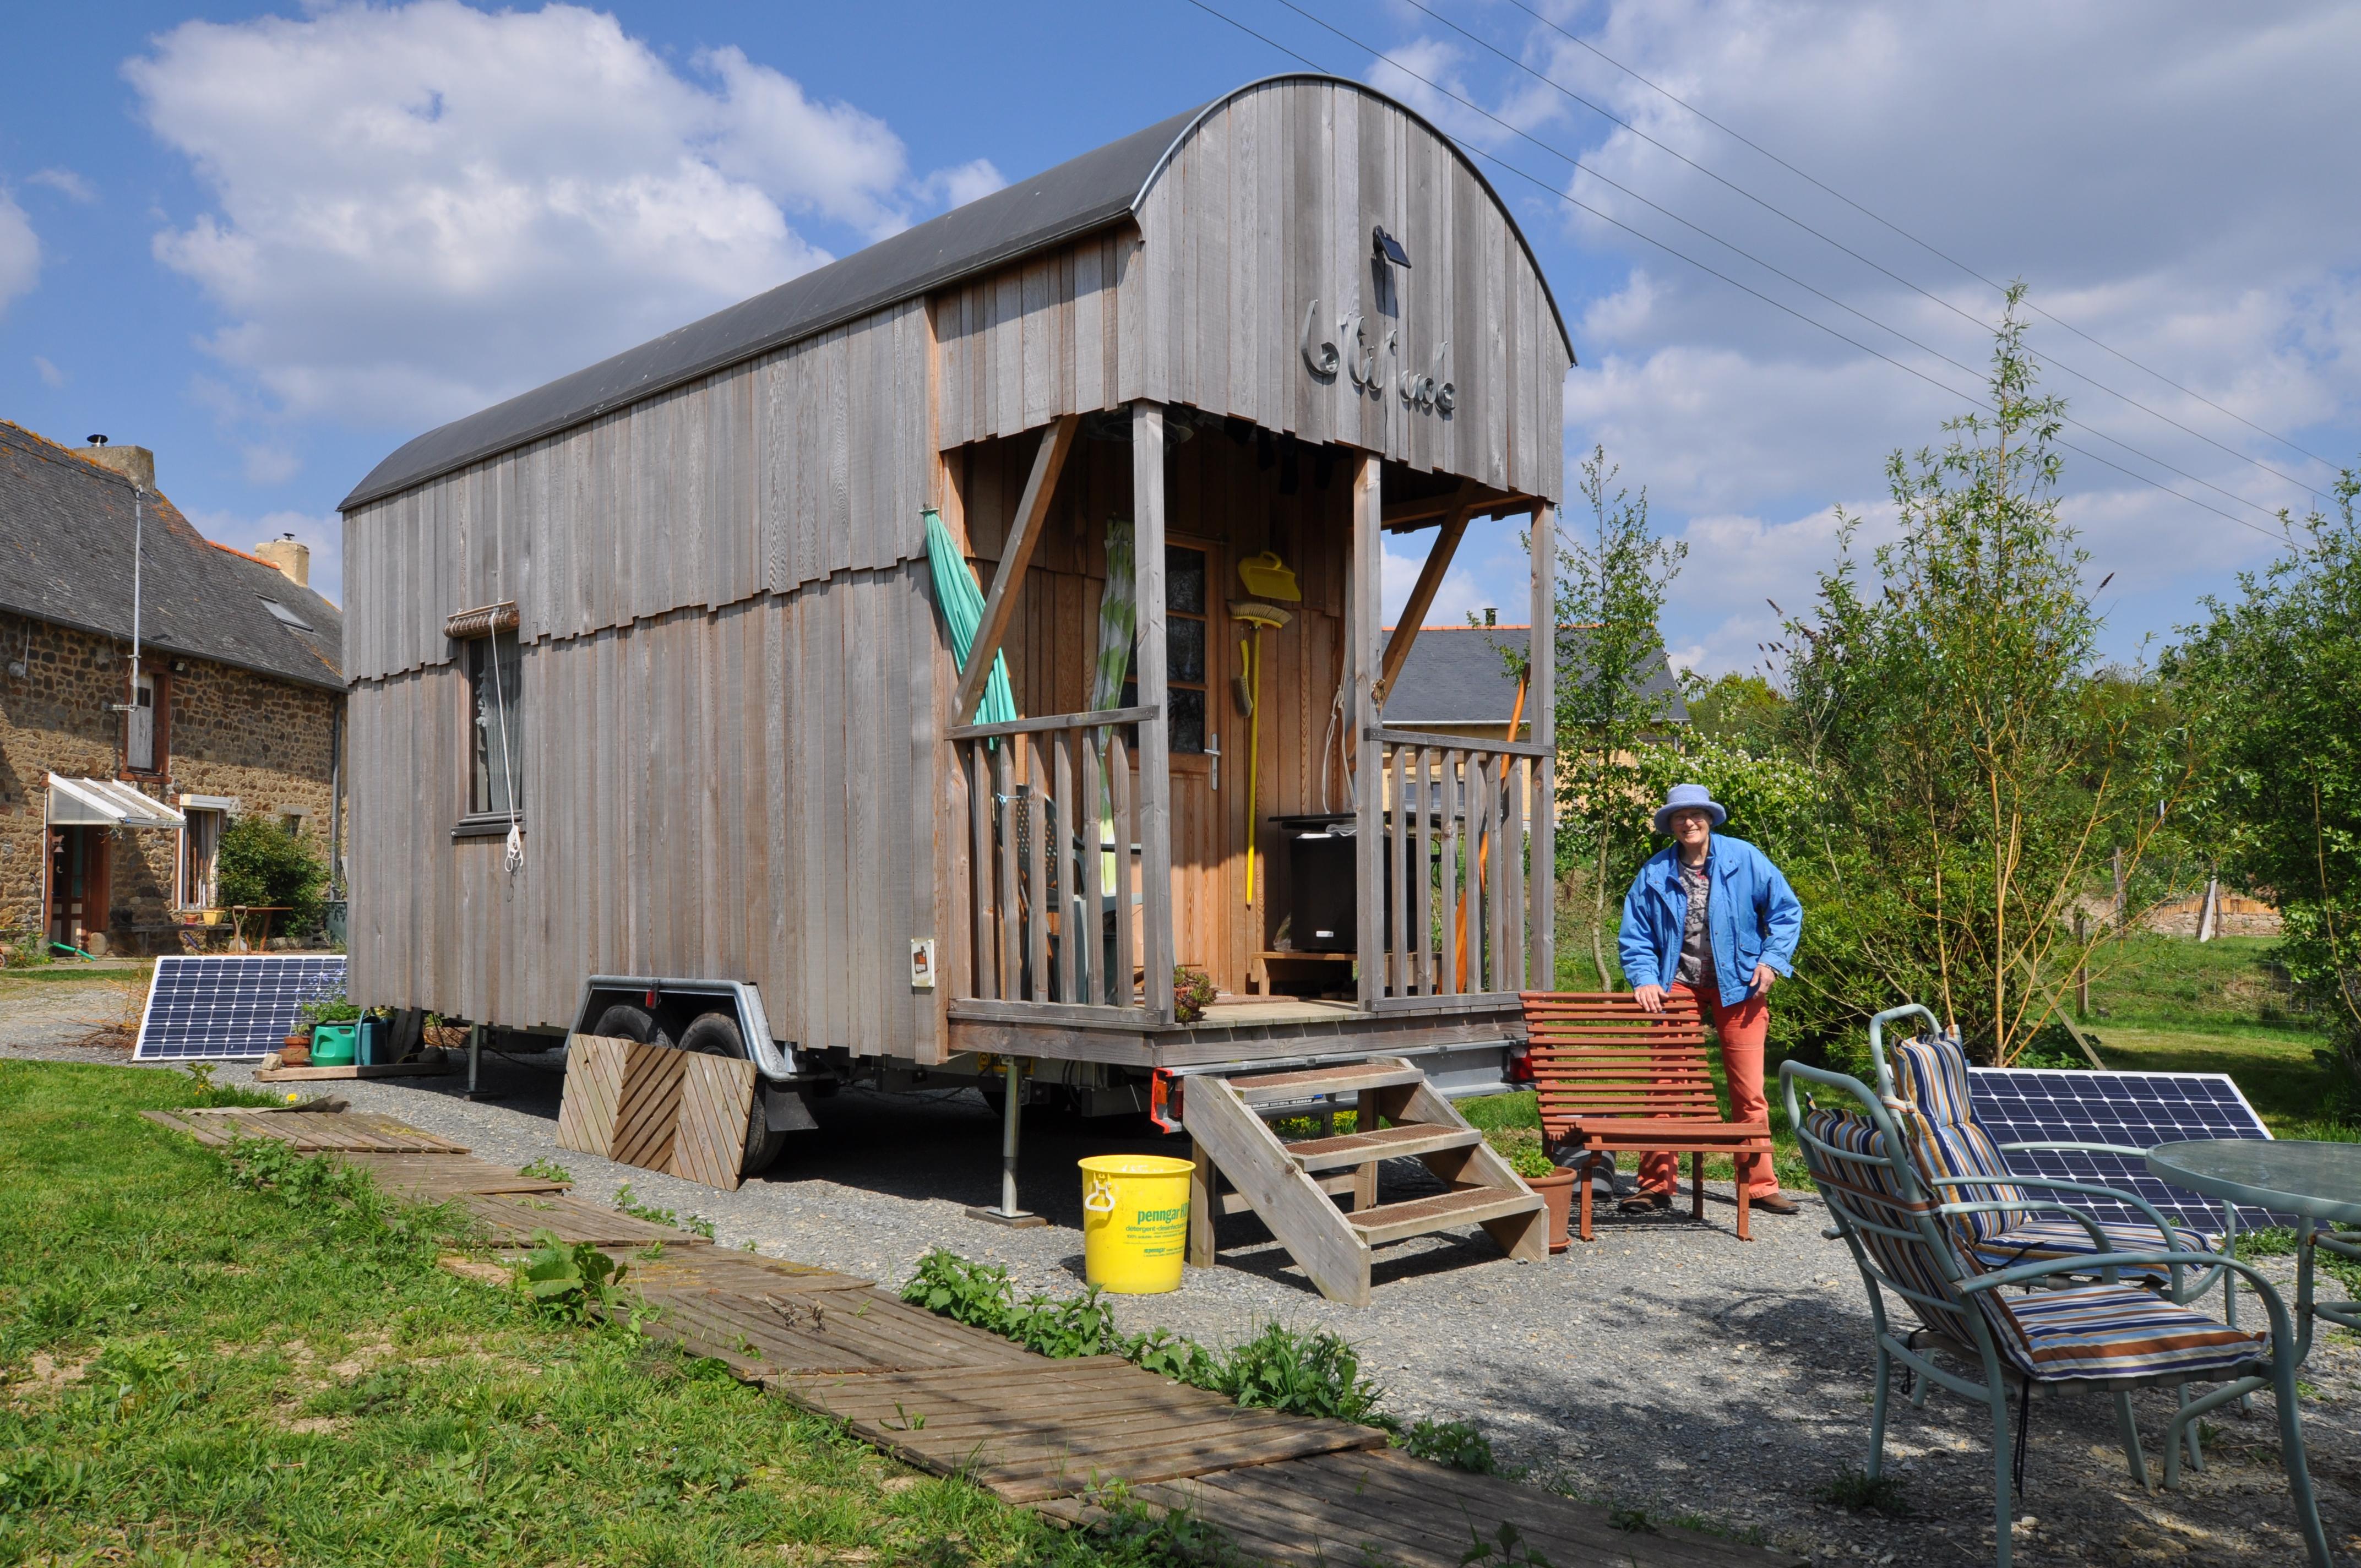 tiny house maison écologique bretagne LME100